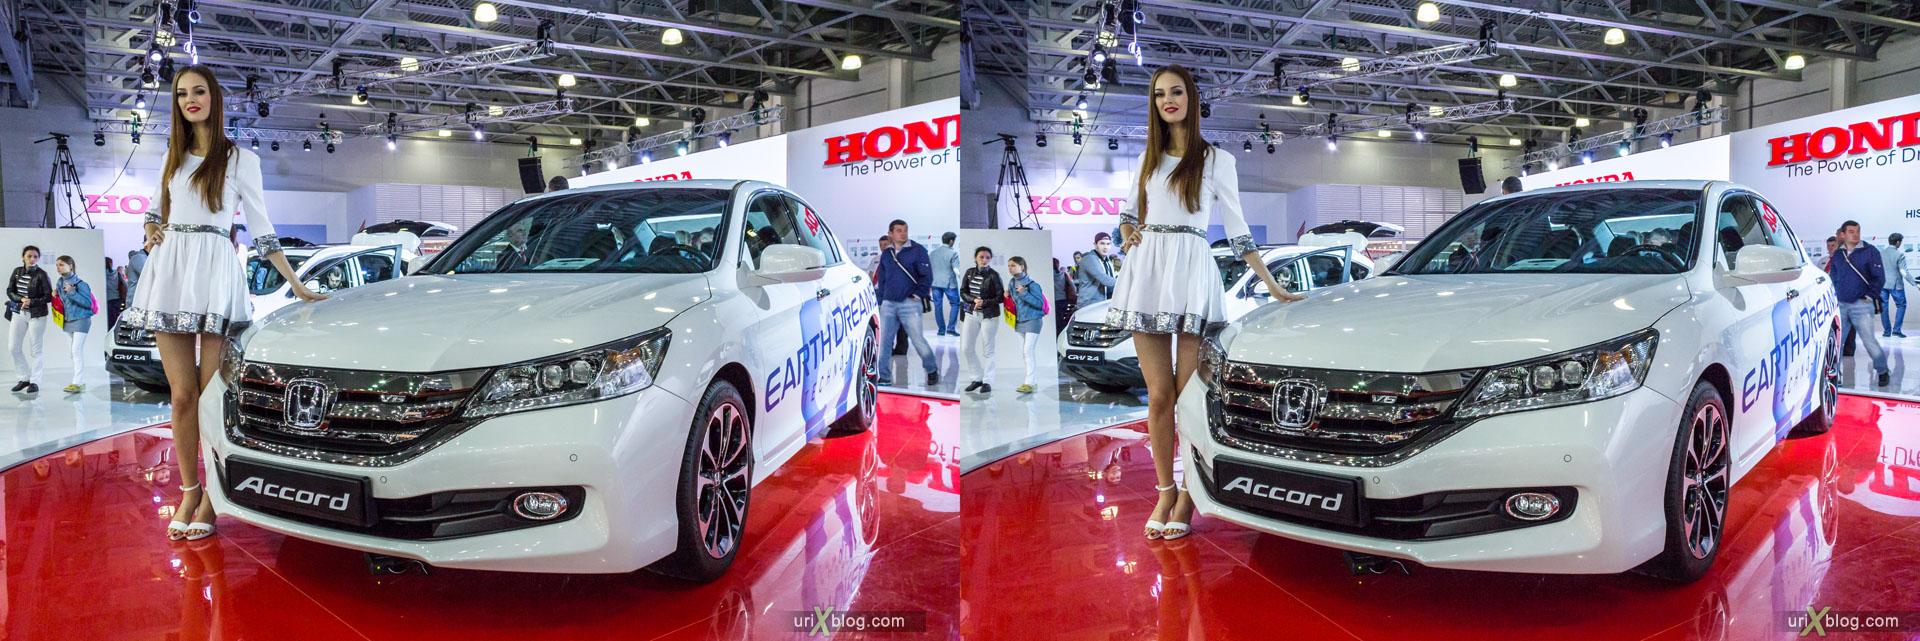 Honda Accord, ММАС 2014, Московский Международный Автомобильный Салон 2014, Крокус Экспо, машина, автомобиль, девушка, модель, женщина, выставка, Москва, Россия, 3D, перекрёстная стереопара, стерео, стереопара, 2014